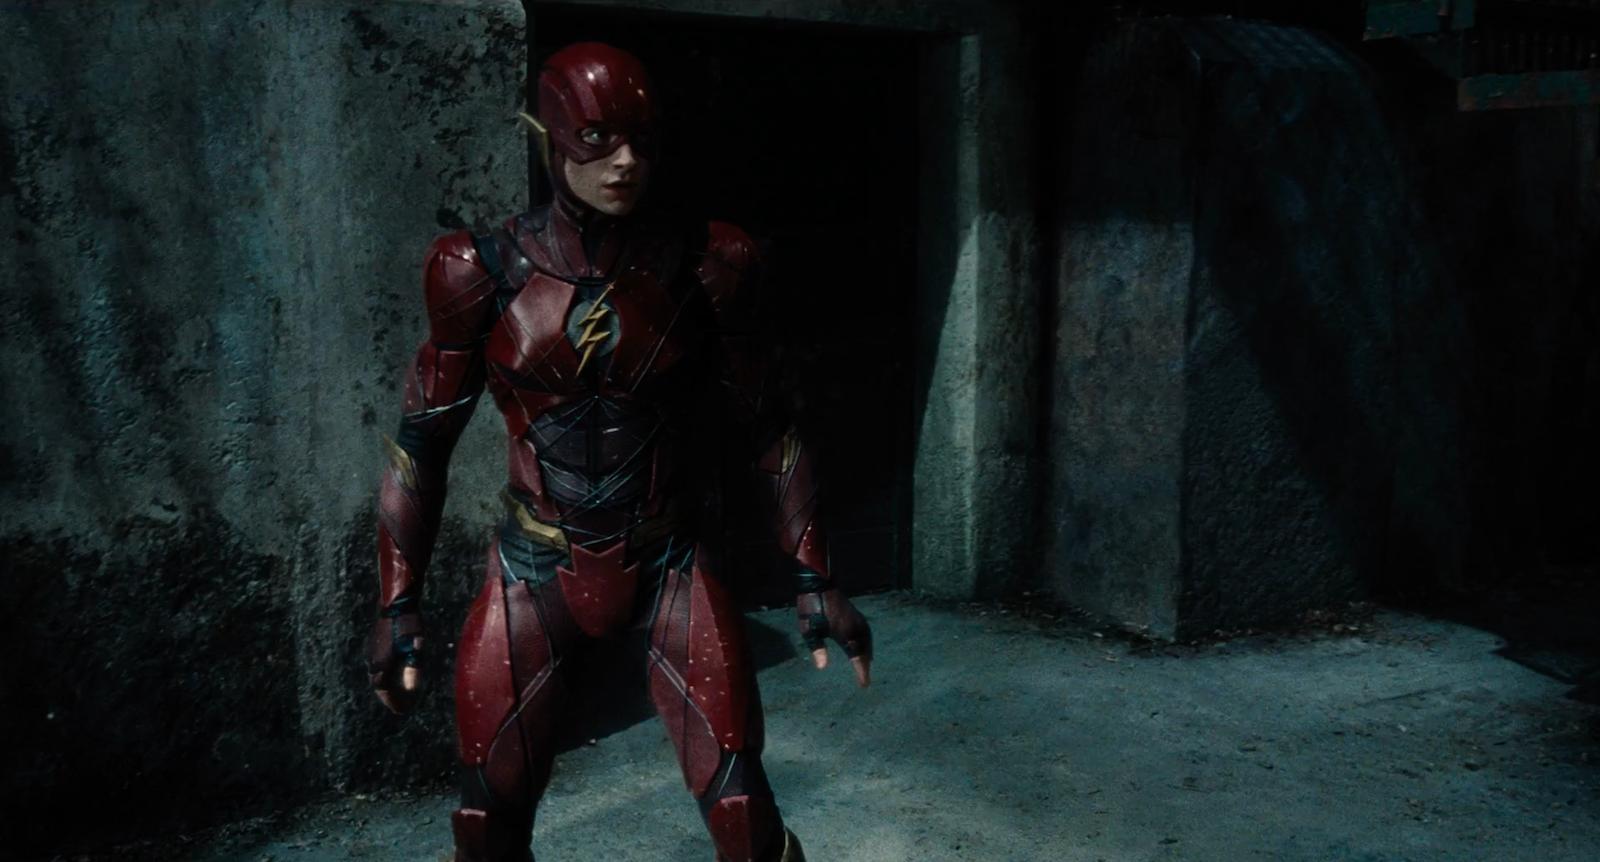 Justice League: Flash in costume dalle prime immagini diffuse al Comic-Con 2016